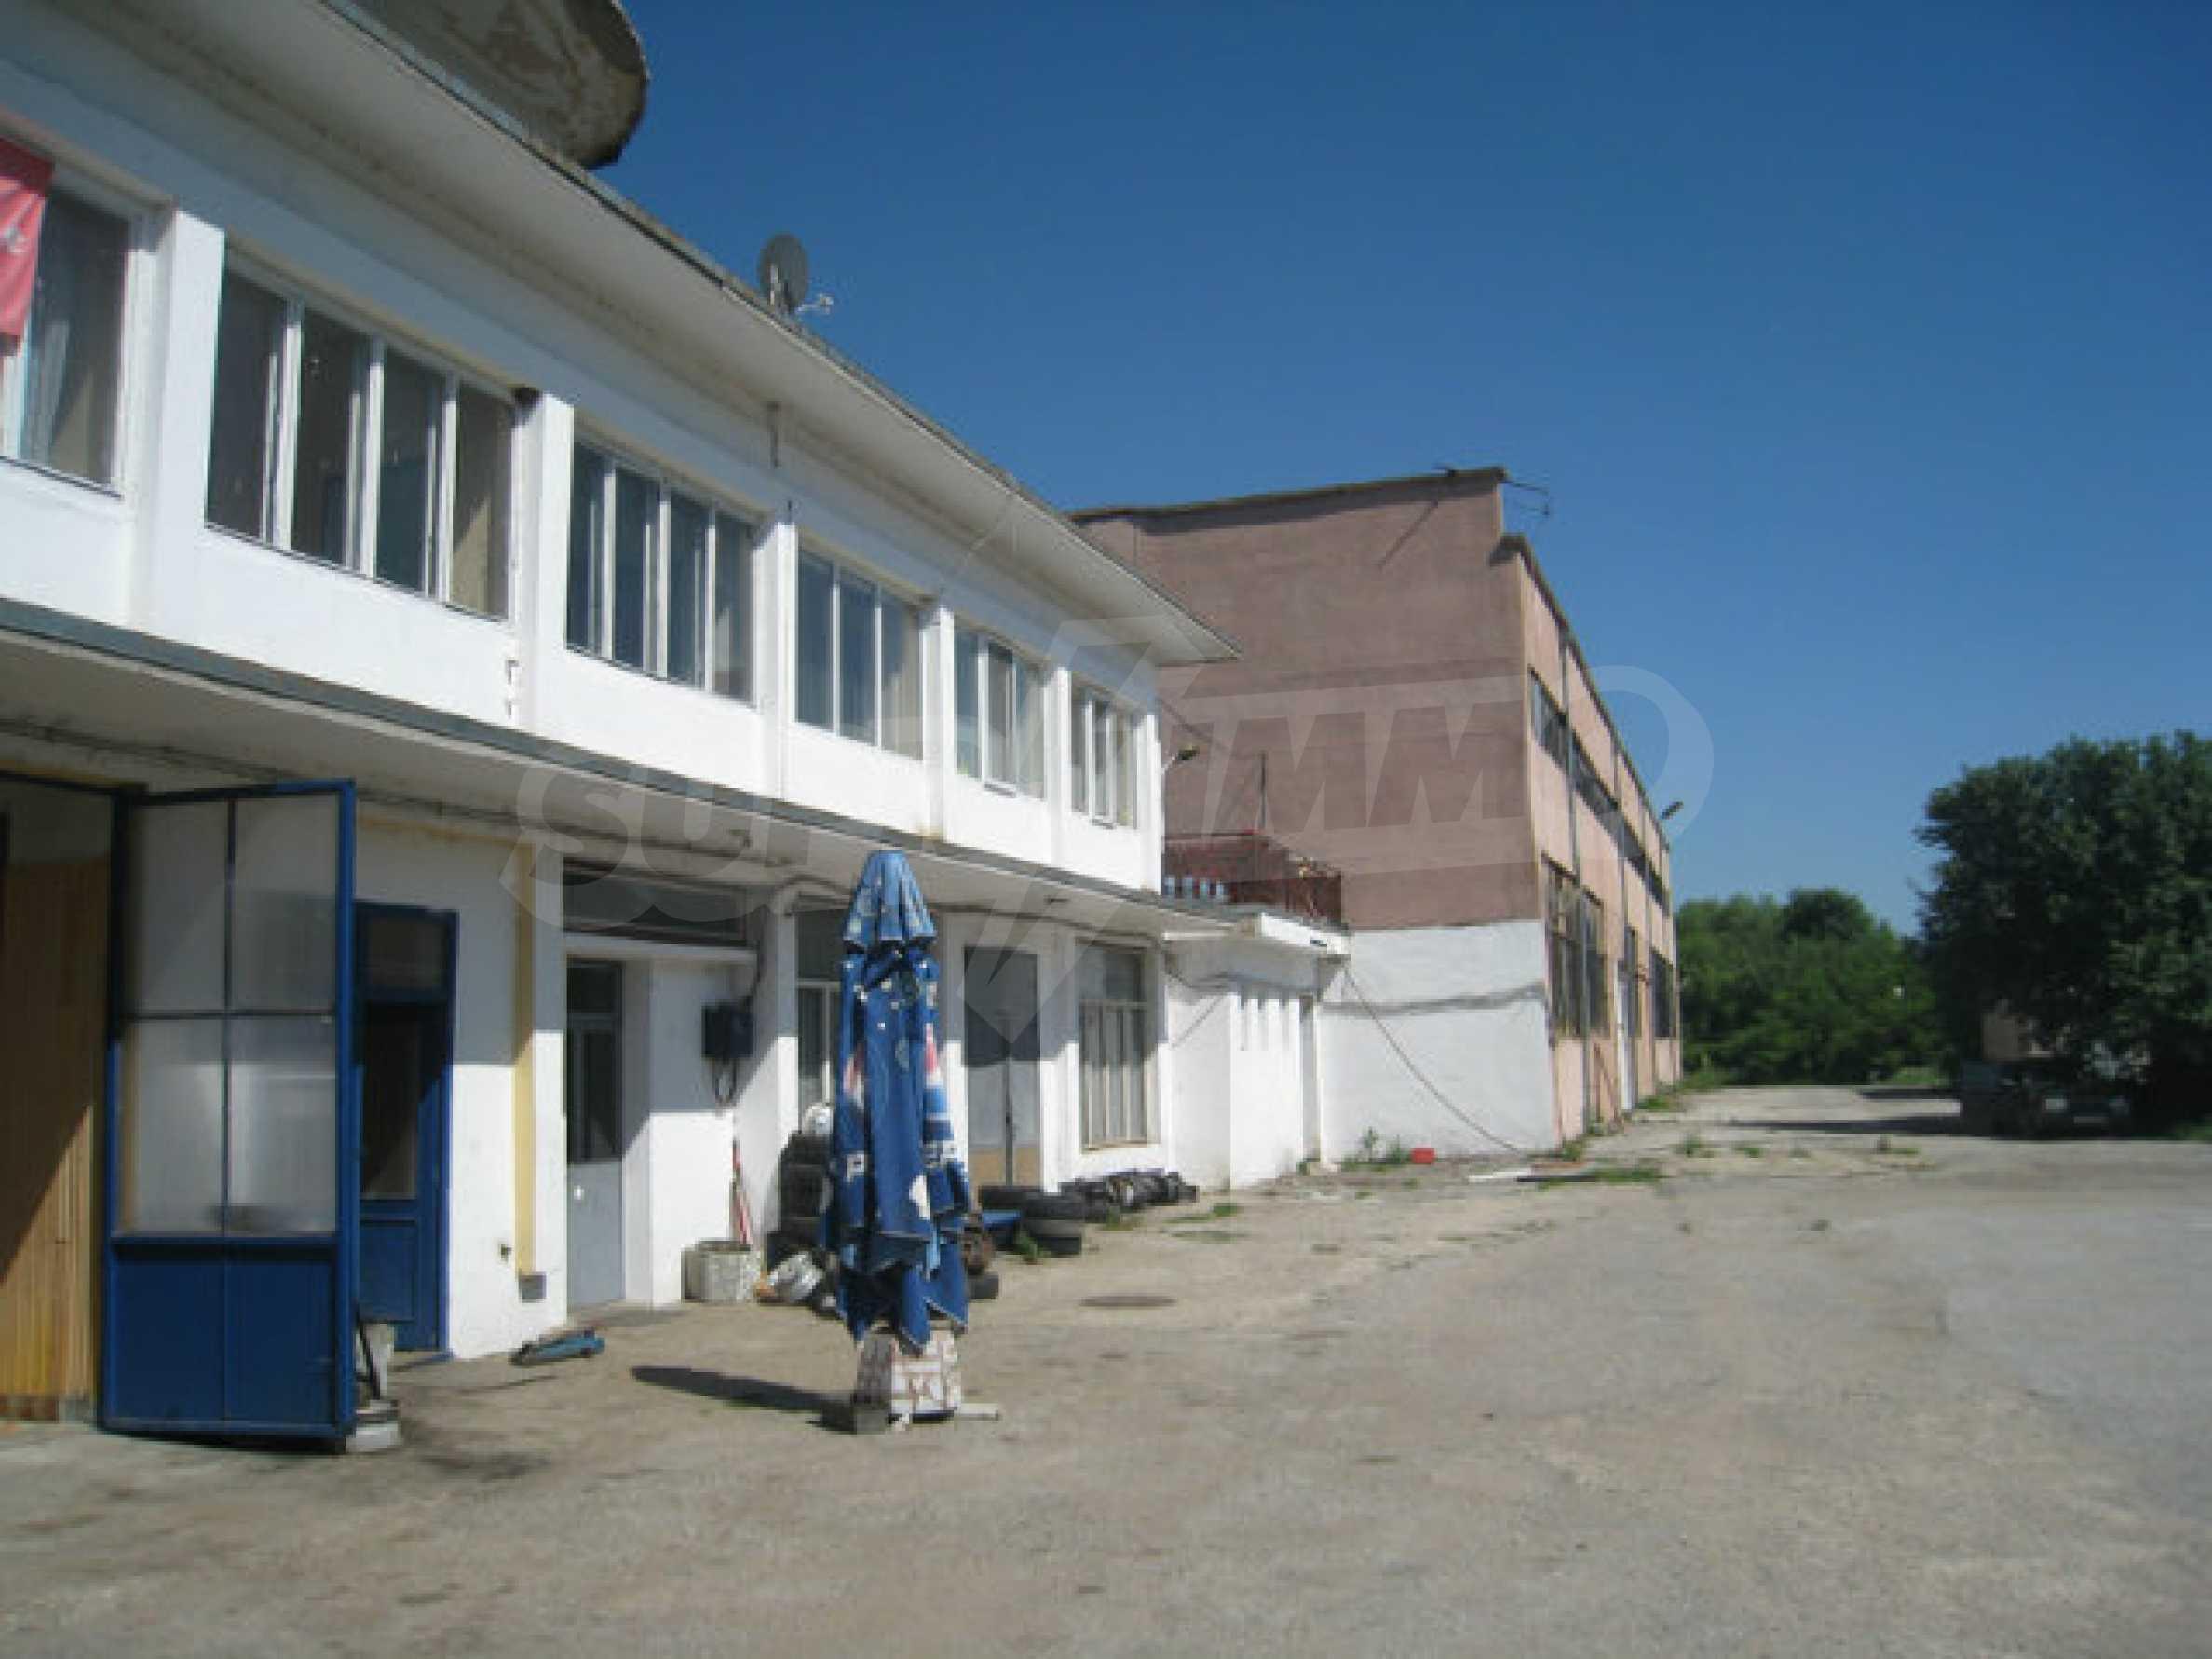 Produktionsgebäude mit Dienstleistungs- und Verwaltungsgebäude in der Nähe von Monatan 4